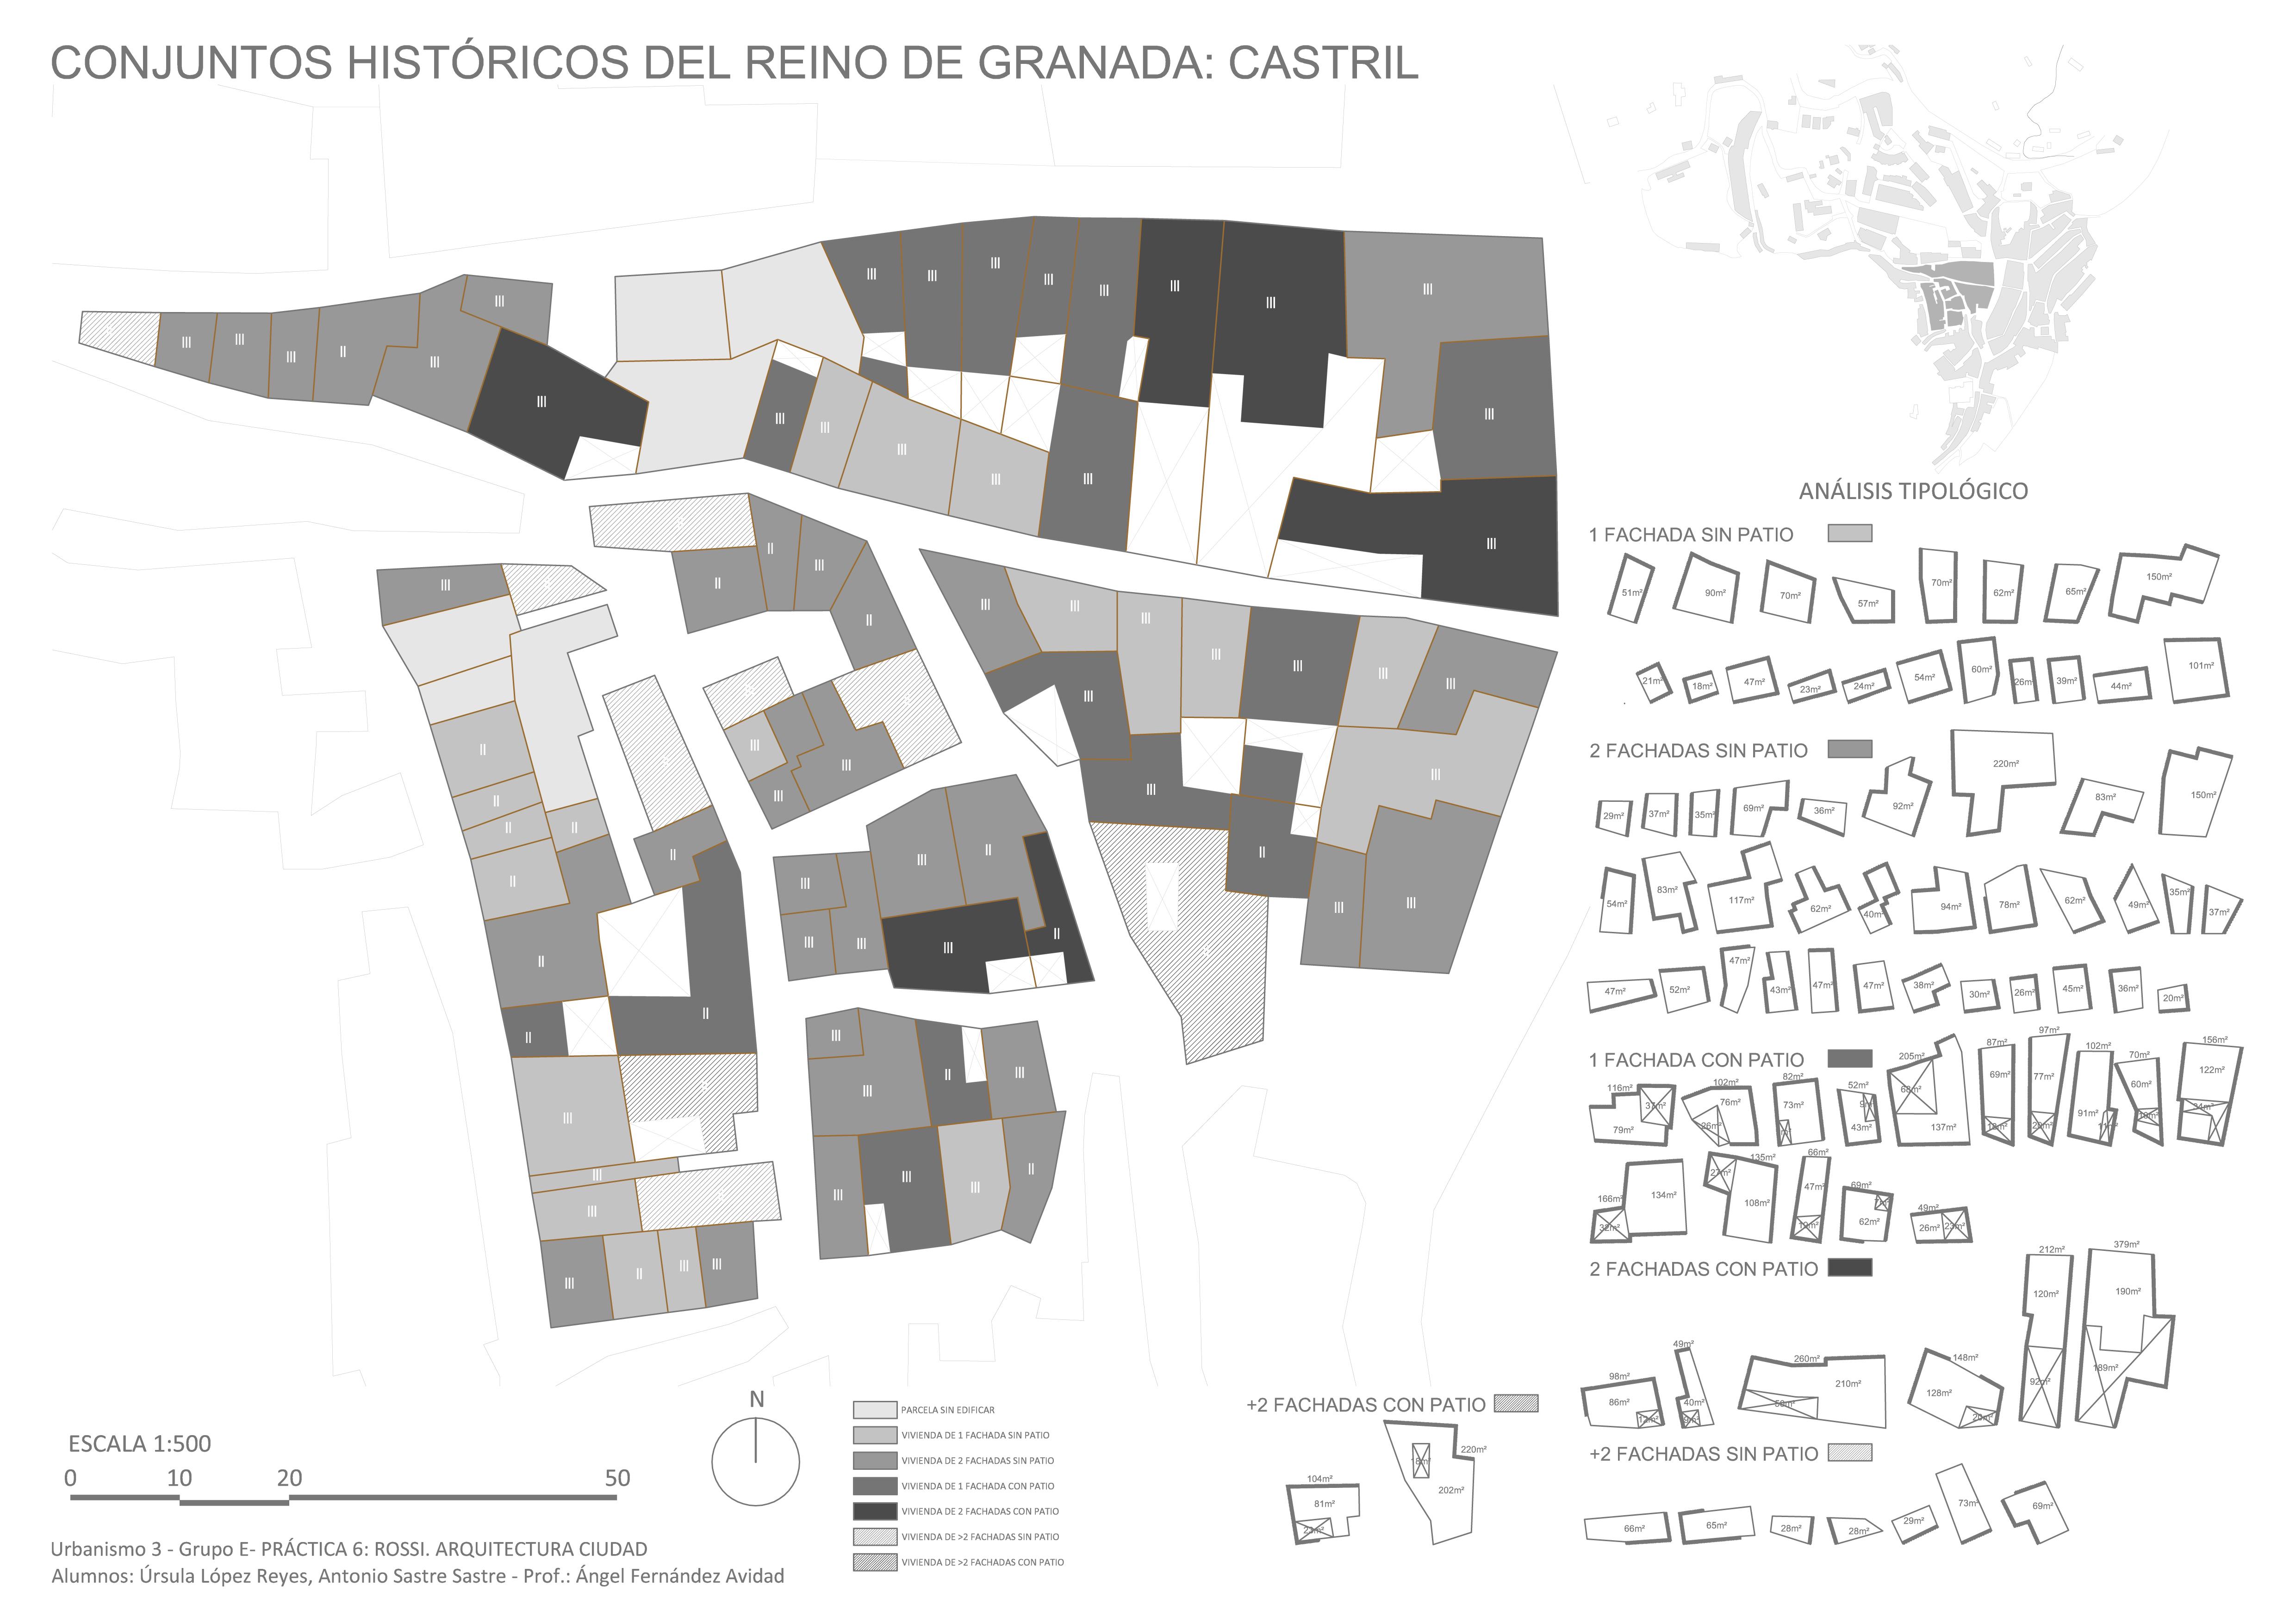 Doyoucity e pr ctica 6 arquitectura de la ciudad for Practicas estudio arquitectura